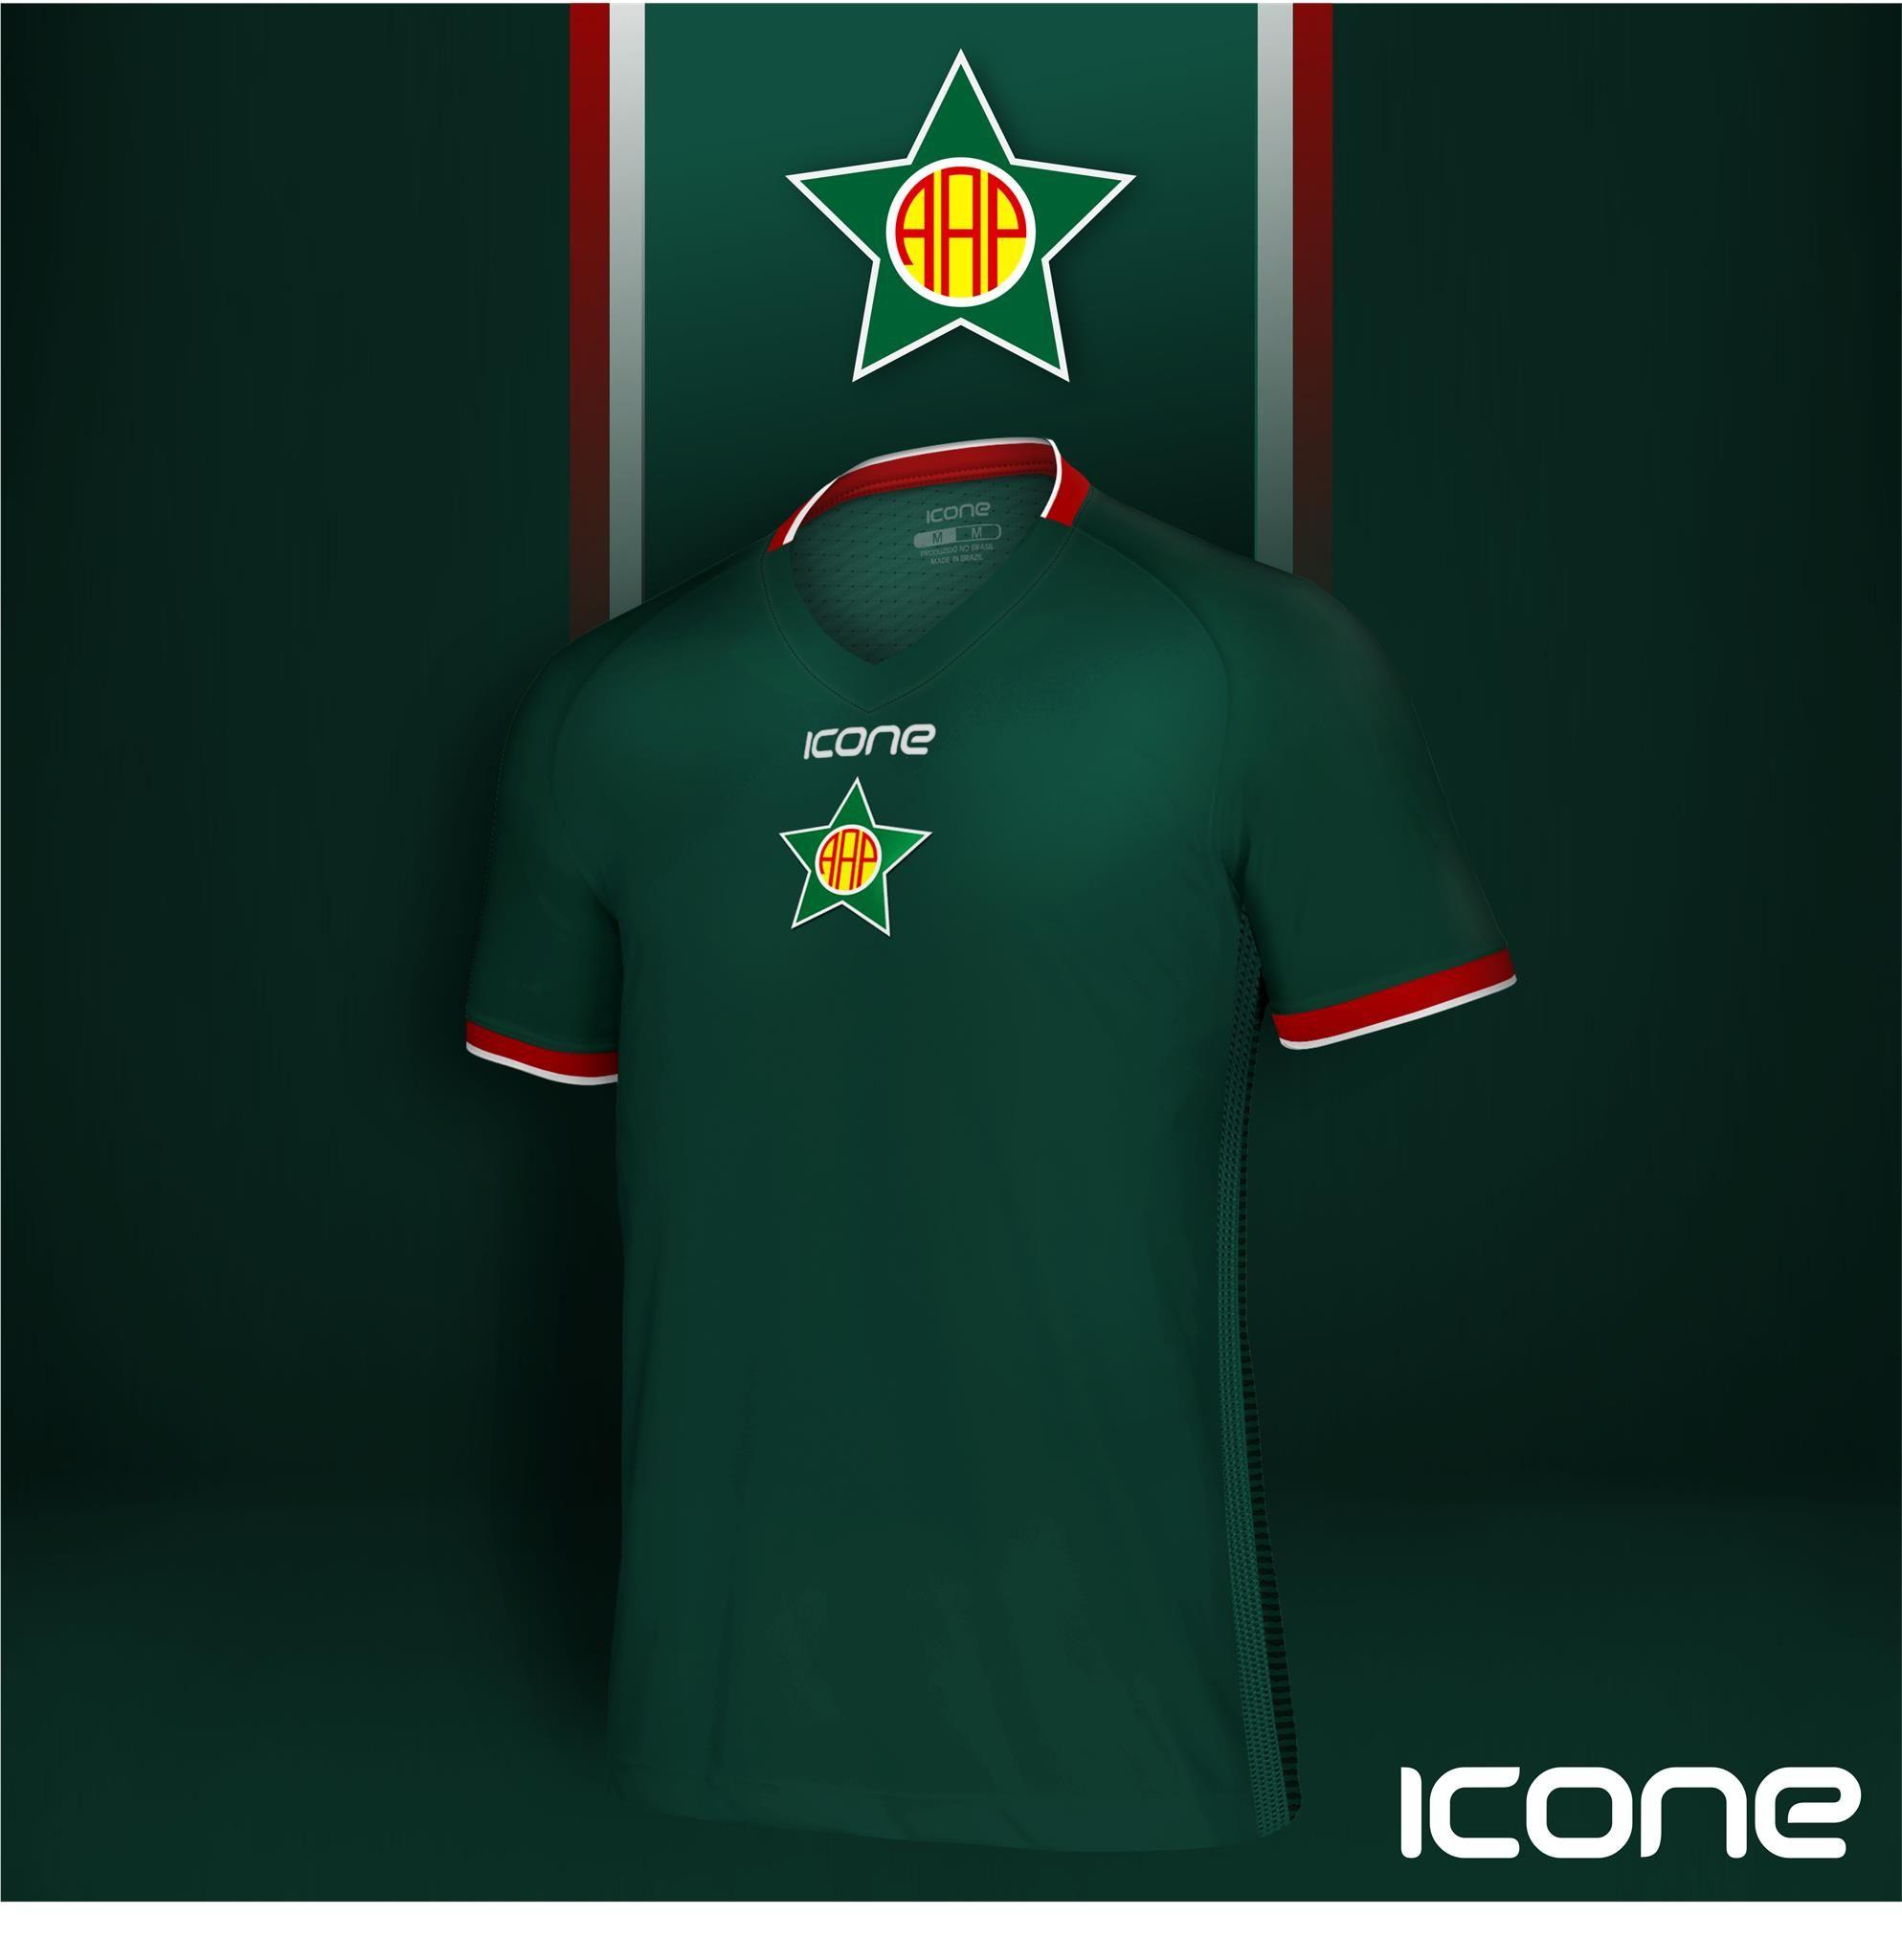 Uniforme 2018 da Portuguesa - RJ. Produzida pela Icone Sports o melhor  material Esportivo Personalizado 972211621d16c